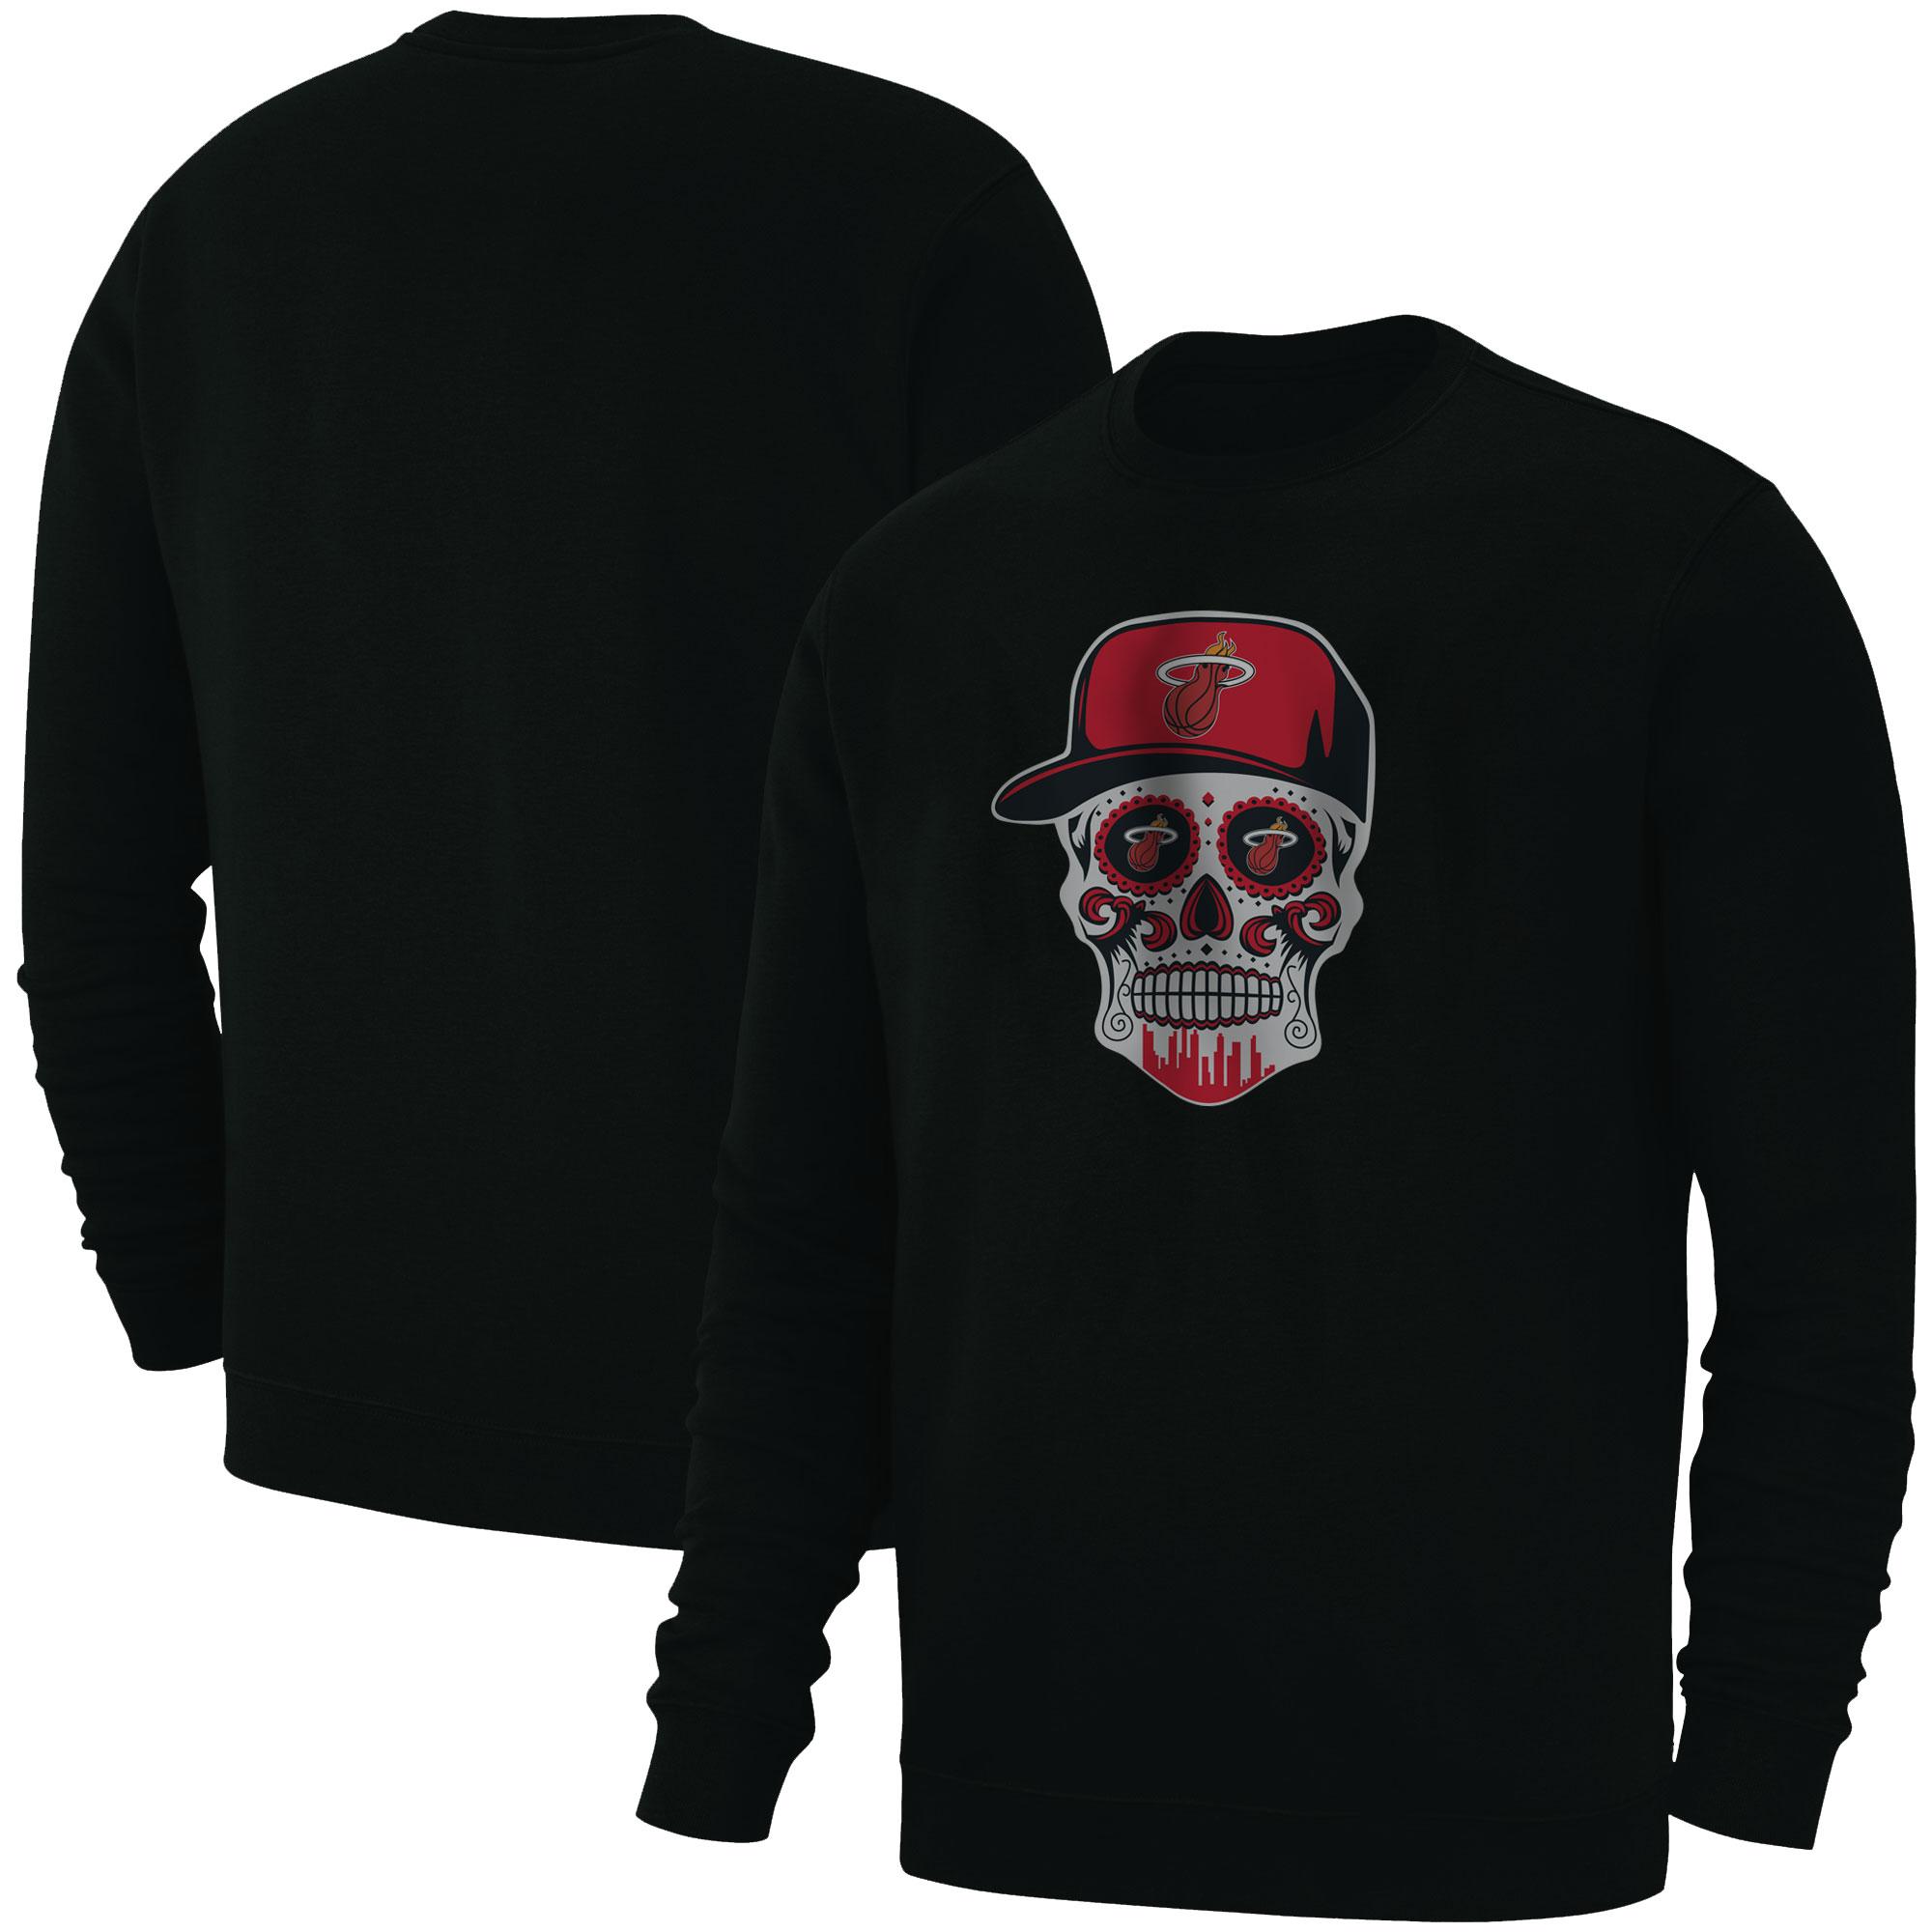 Heat Skull Basic (BSC-BLC-NP-456-NBA-MIAMI-SKULL)